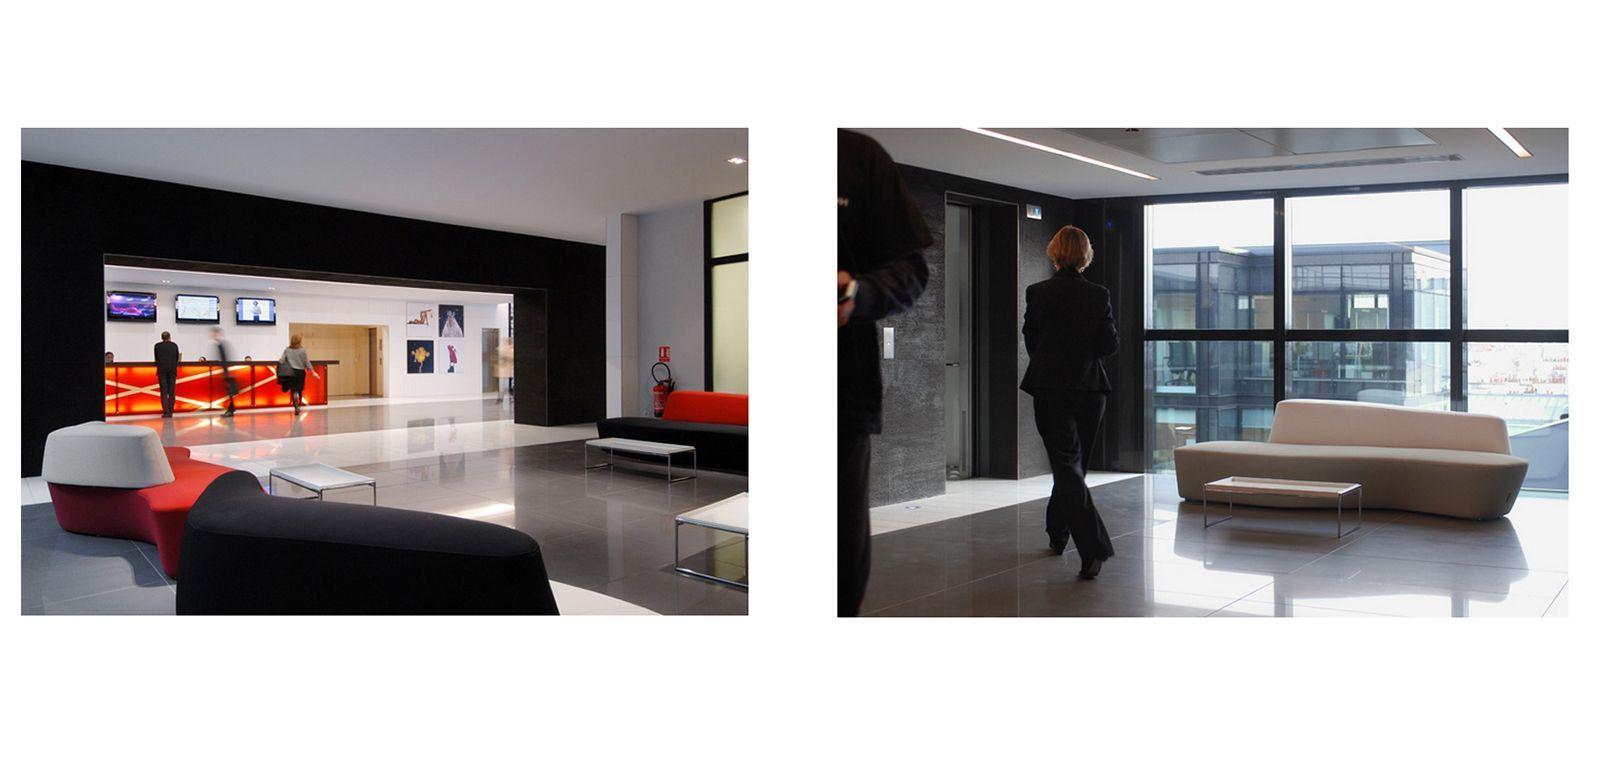 Projet d 39 am nagement meubles et accessoires design bureau open space silvera - Galeries lafayette meubles ...